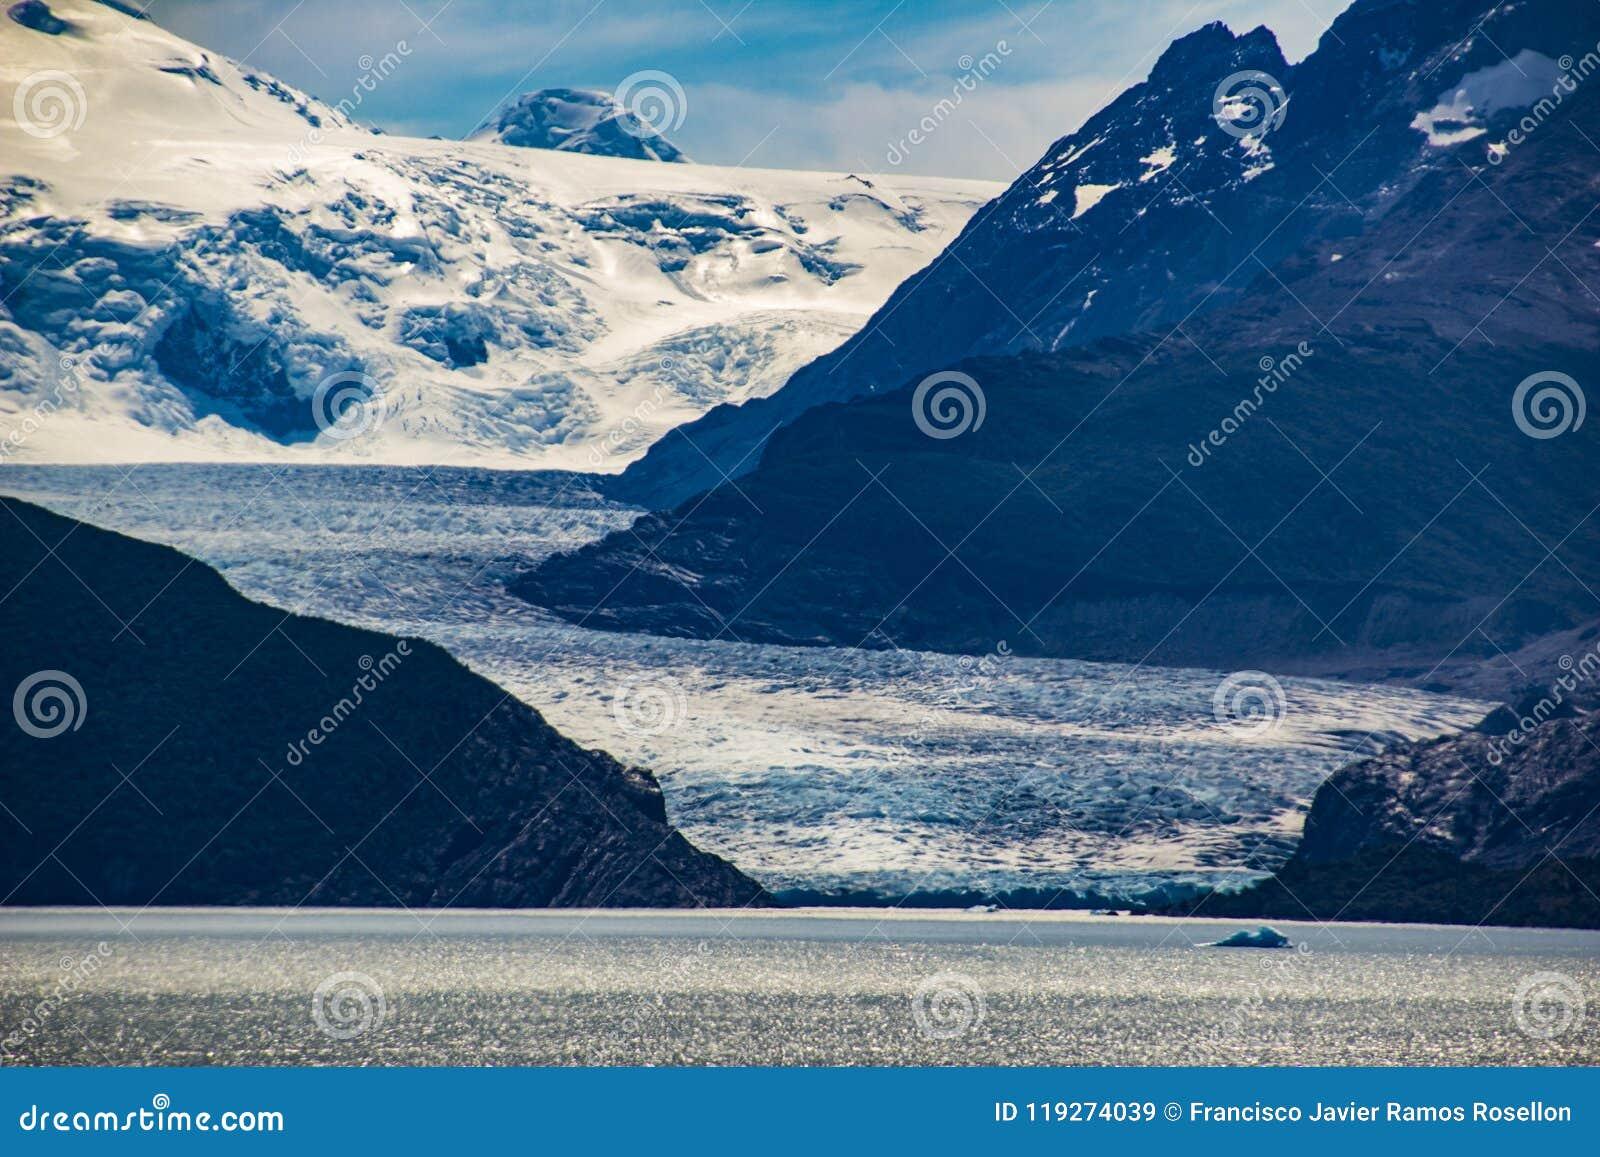 Popielaty lodowiec wśrodku Torres Del Paine parka narodowego i przybycie od Południowego Lodowego pola trzeci co do wielkości lód